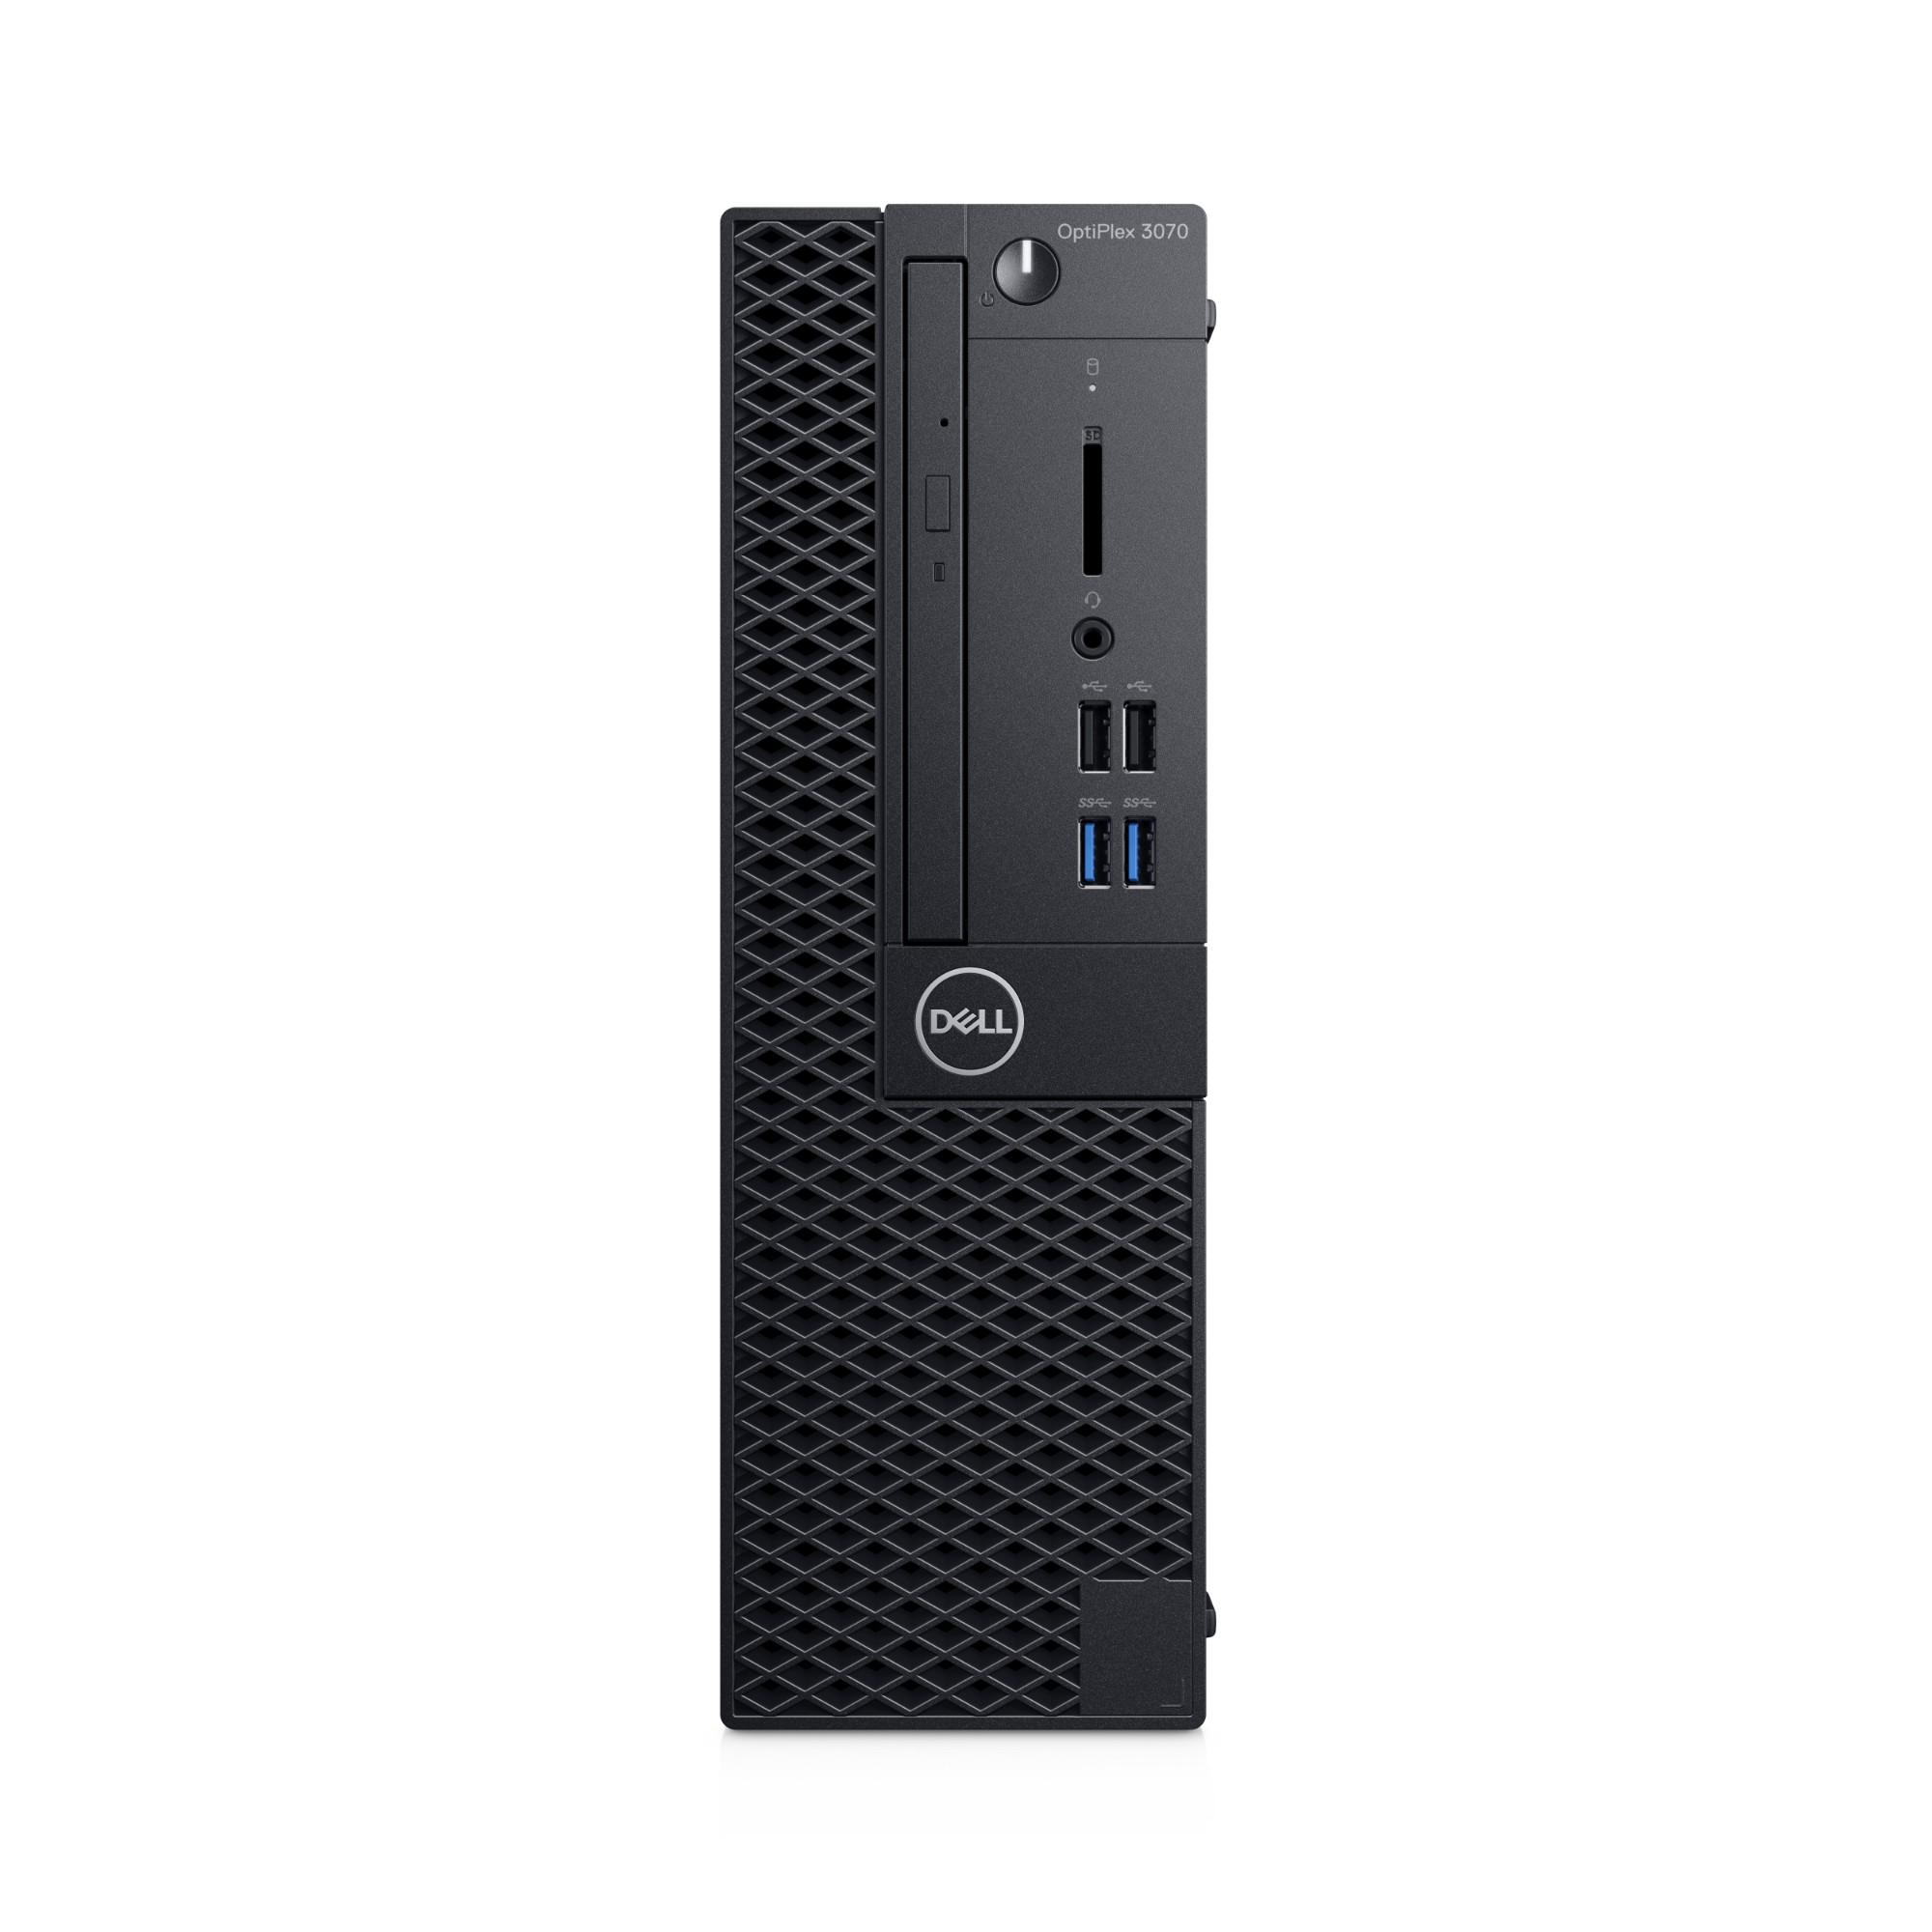 DELL OptiPlex 3070 9th gen Intel® Core™ i3 i3-9100 4 GB DDR4-SDRAM 1000 GB HDD SFF Black PC Windows 10 Pro